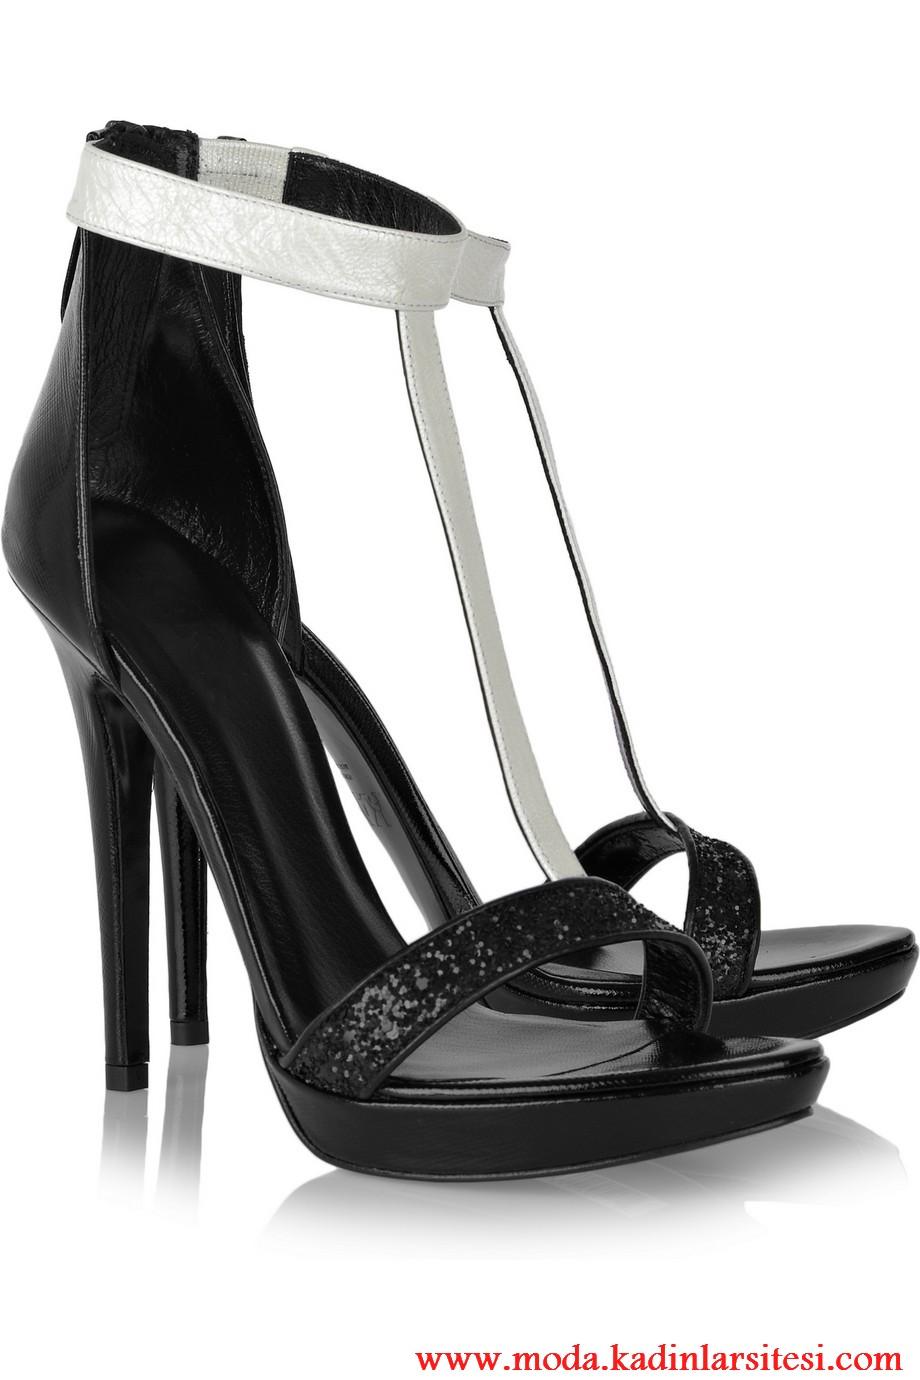 karl siyah ayakkabı modeli